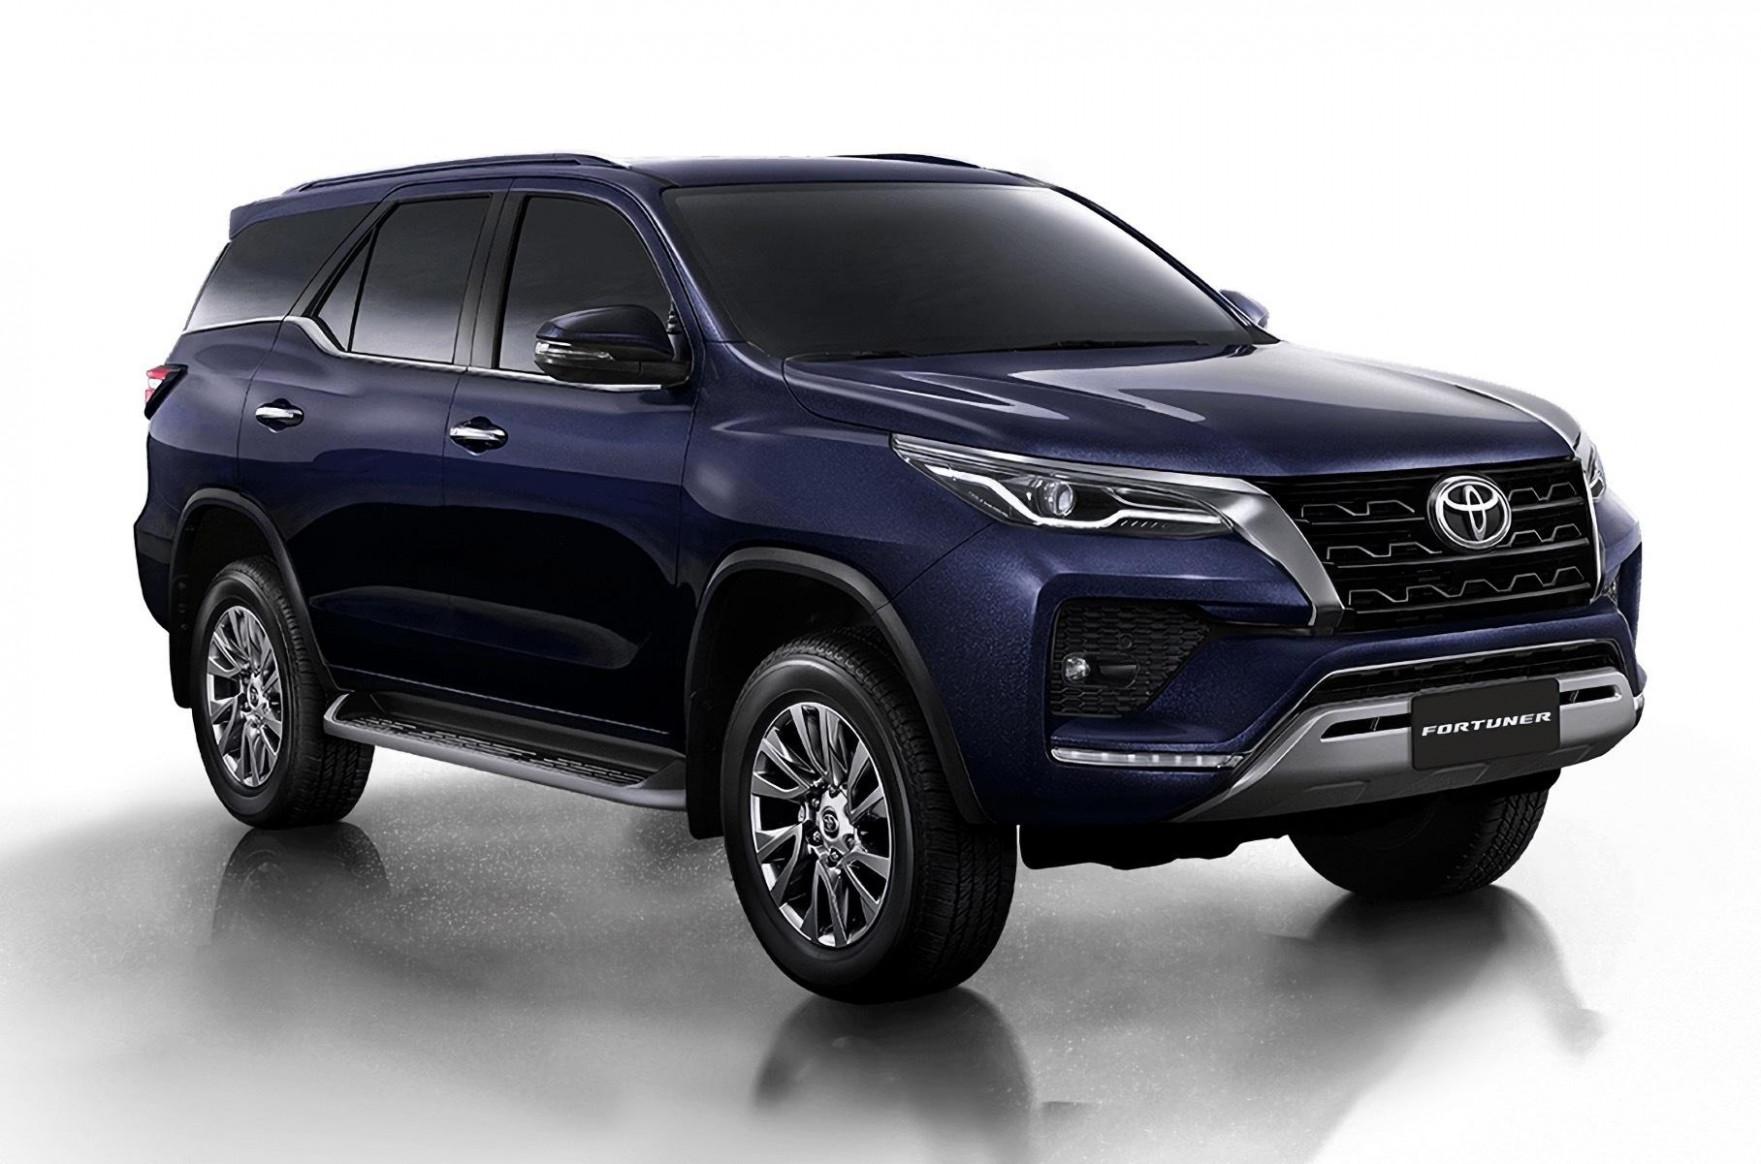 Spesification Toyota Fortuner 2022 Model